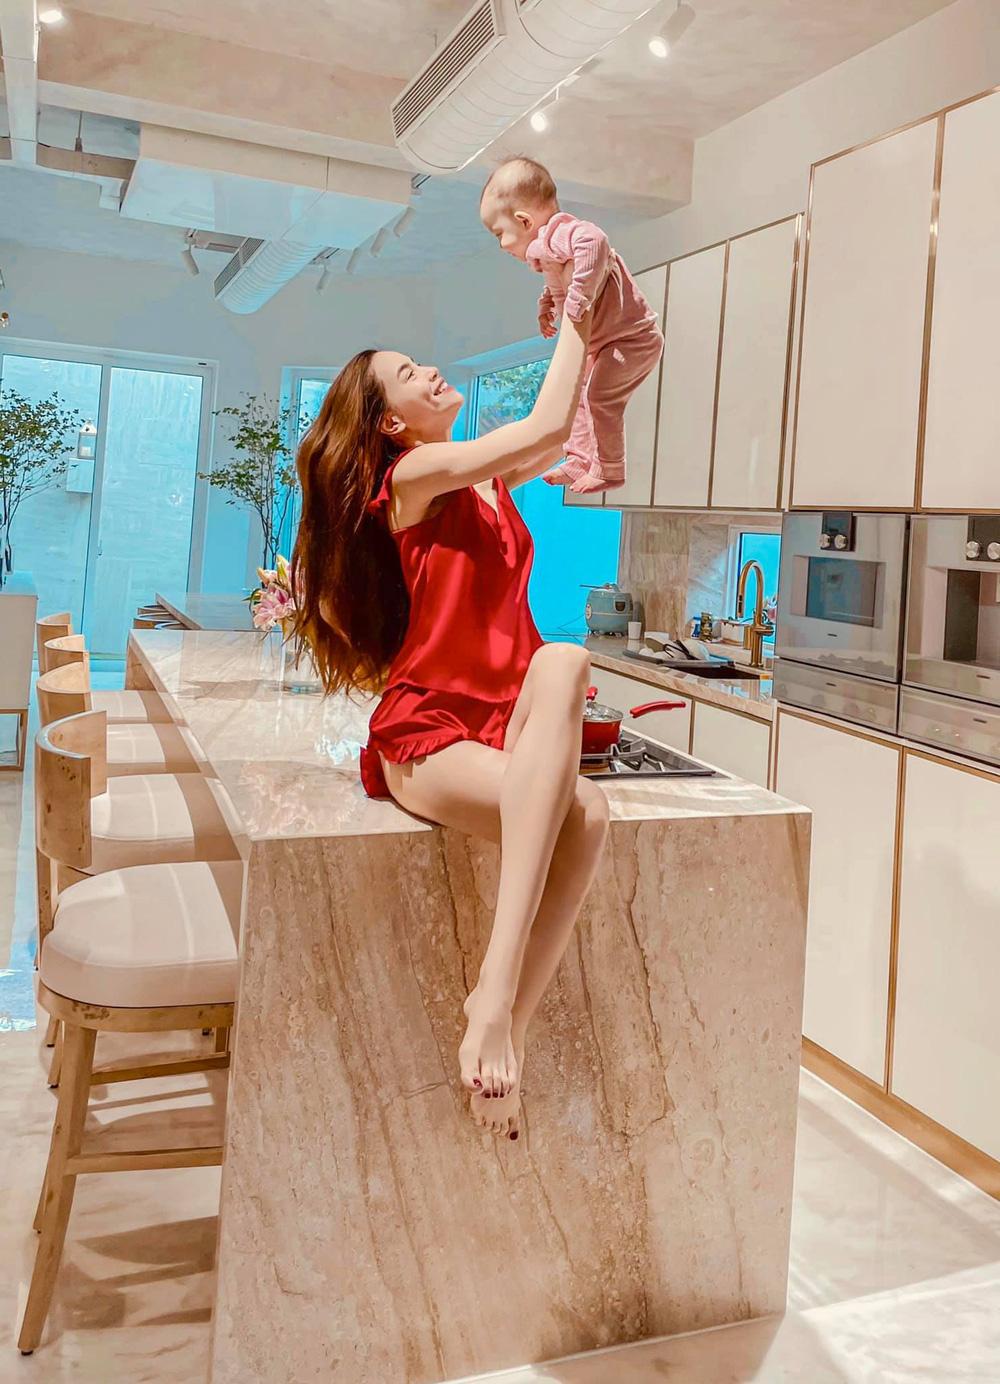 Cận cảnh căn bếp đặc biệt trong biệt thự mới tậu của vợ chồng Hồ Ngọc Hà - Ảnh 2.